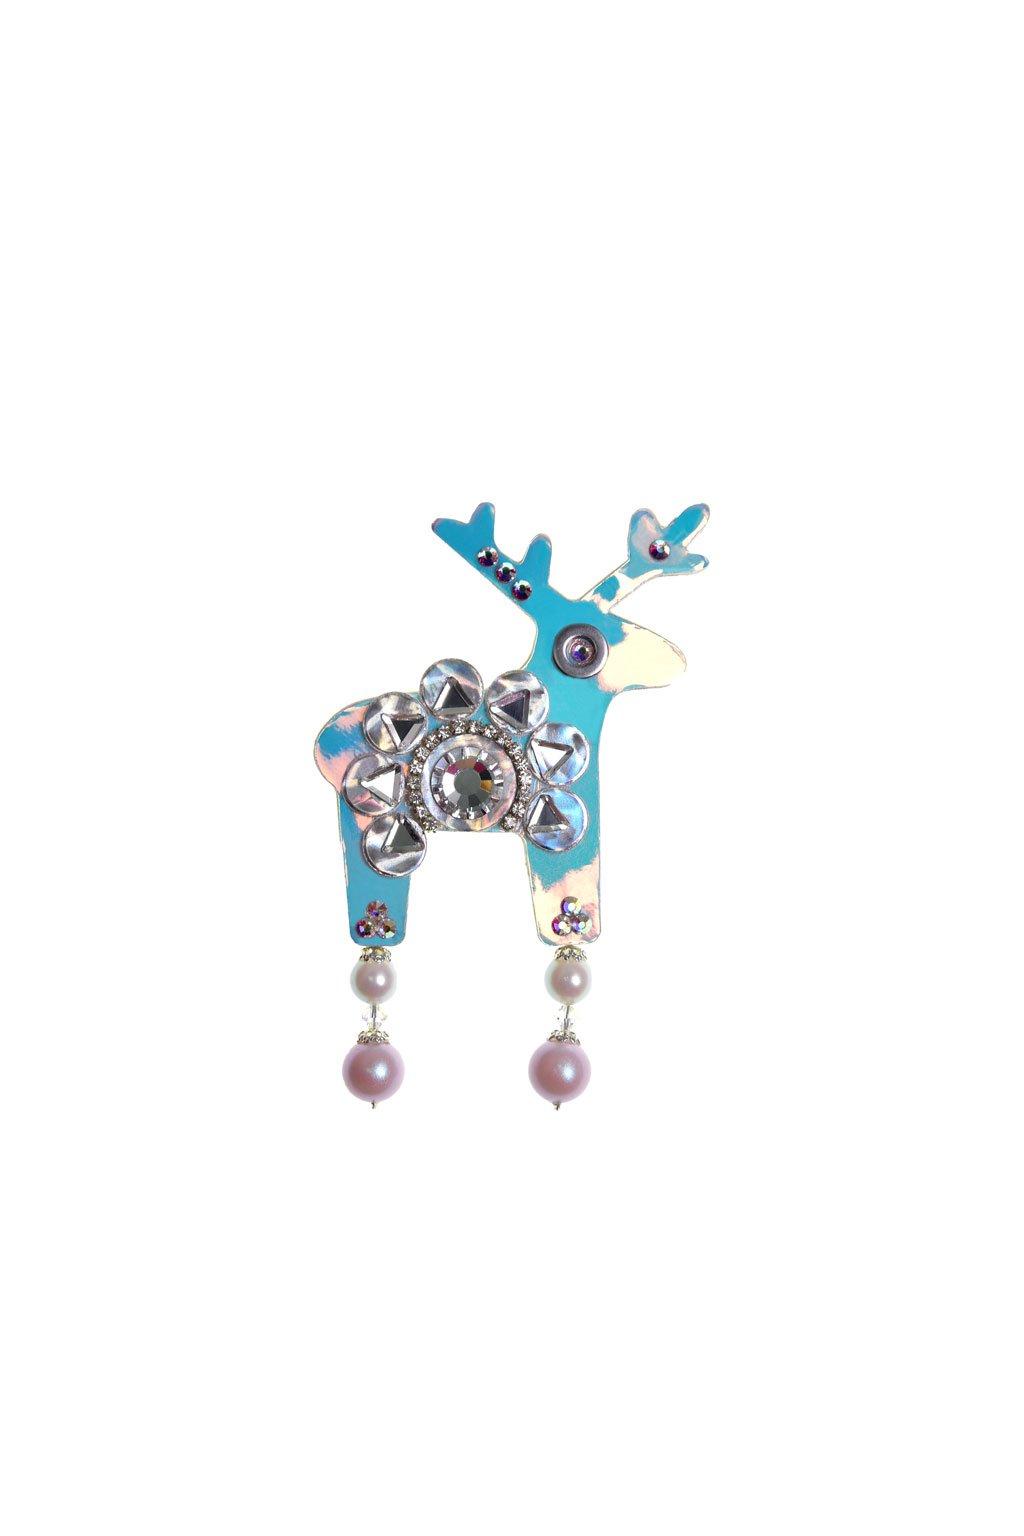 Modrá třpytivá jelení brož